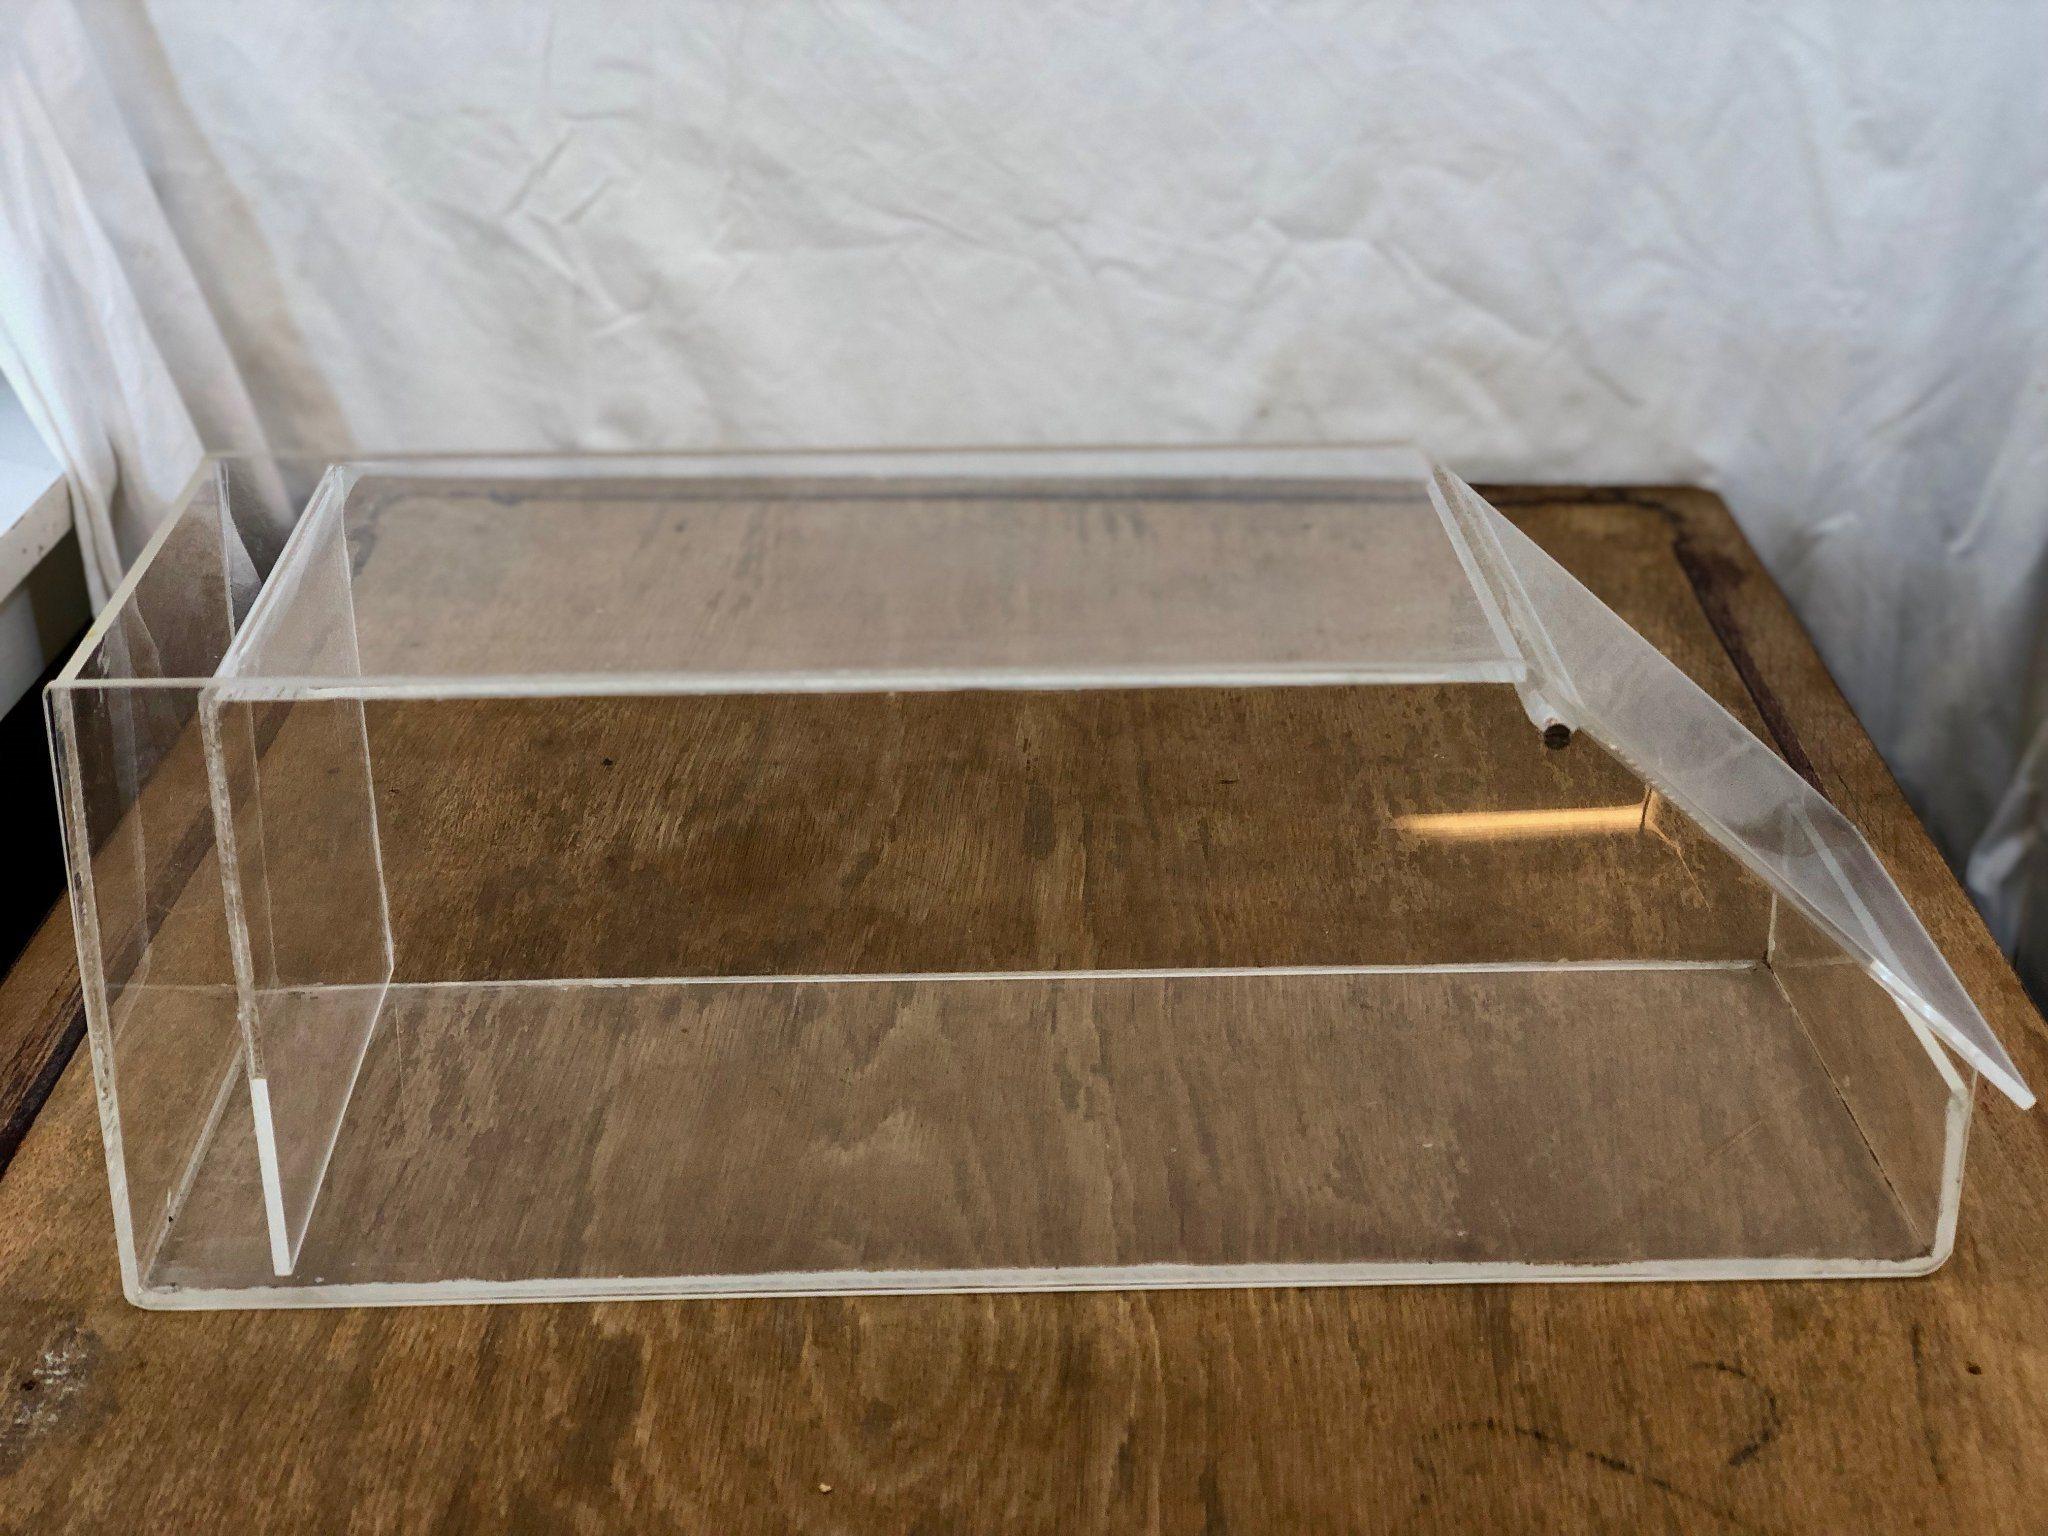 Strålande Godislådor från 80-talet i Plexiglas (361160414) ᐈ Köp på Tradera DF-83